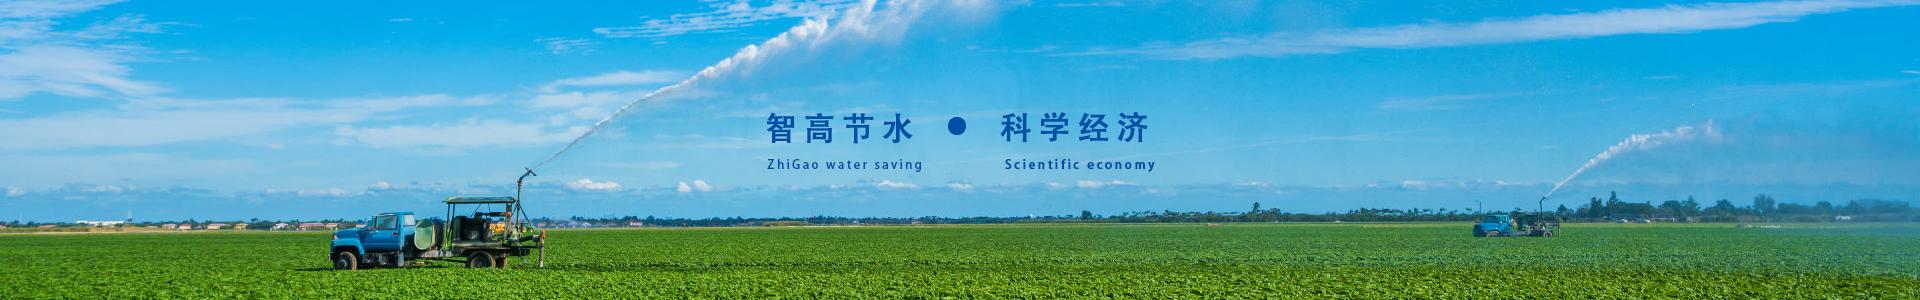 西安智能灌溉,西安节水灌溉,西安灌溉设备